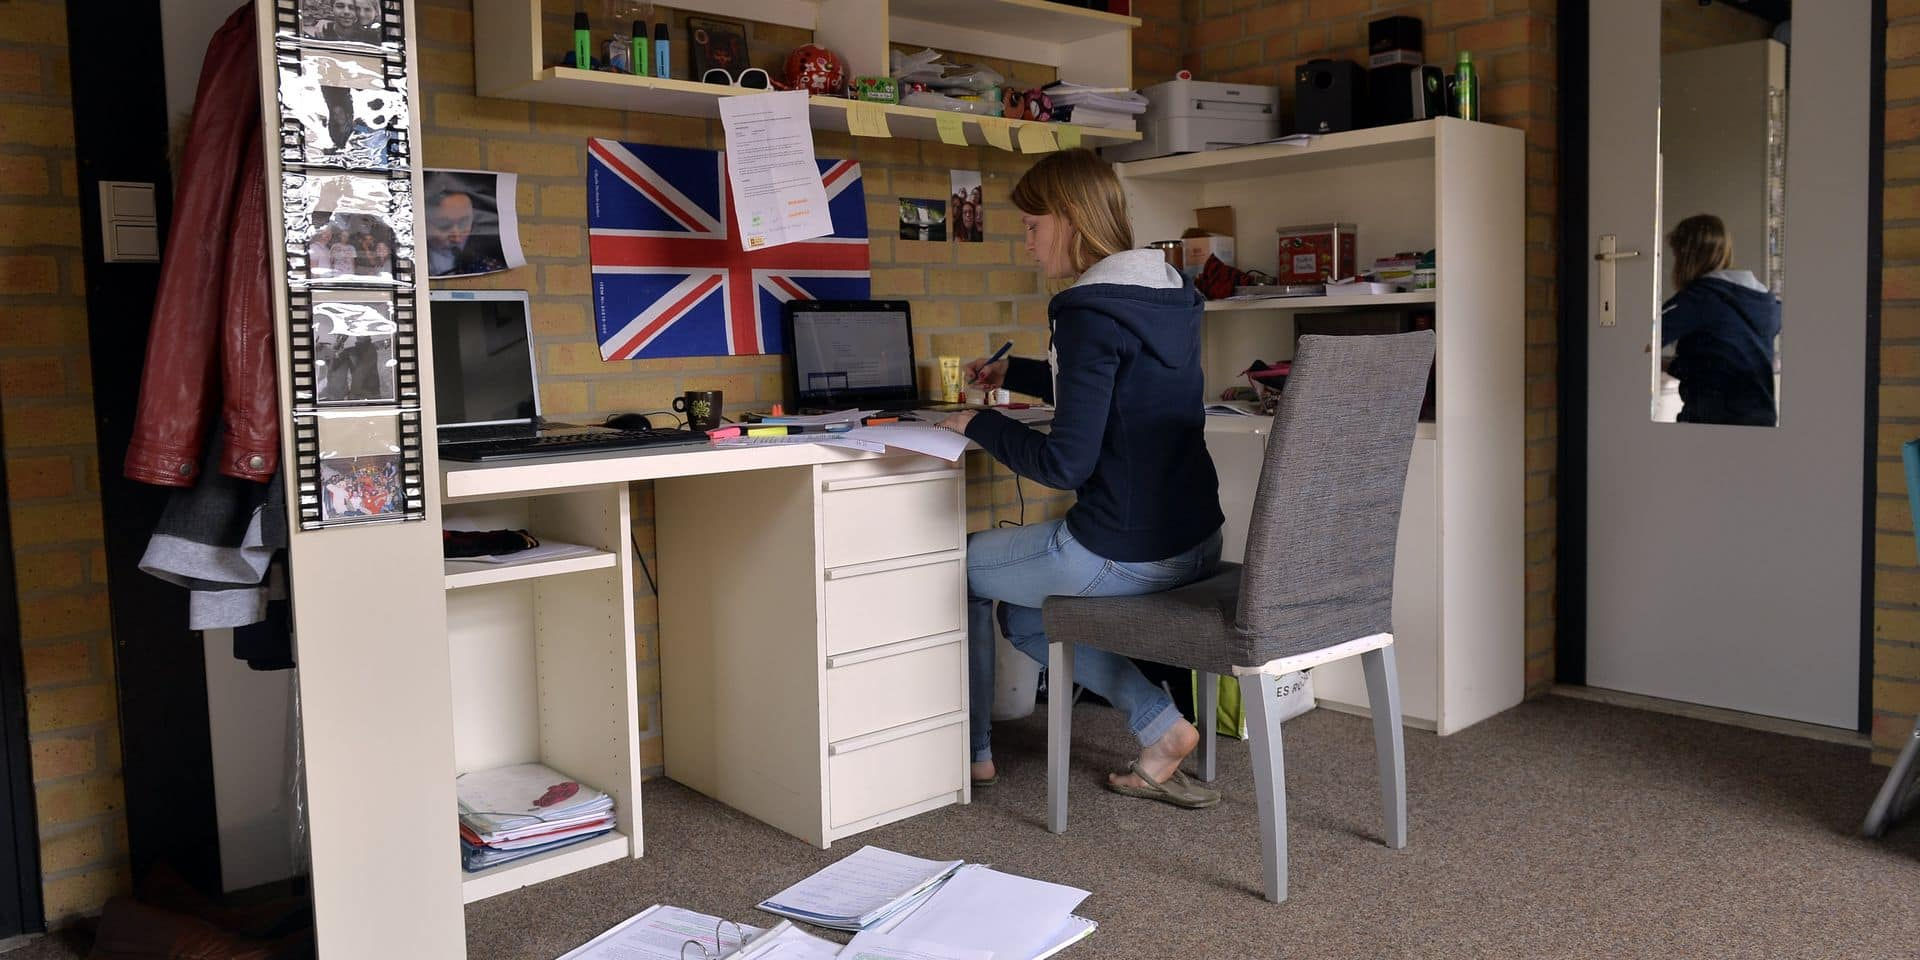 Immobilier : les étudiants trinquent encore plus